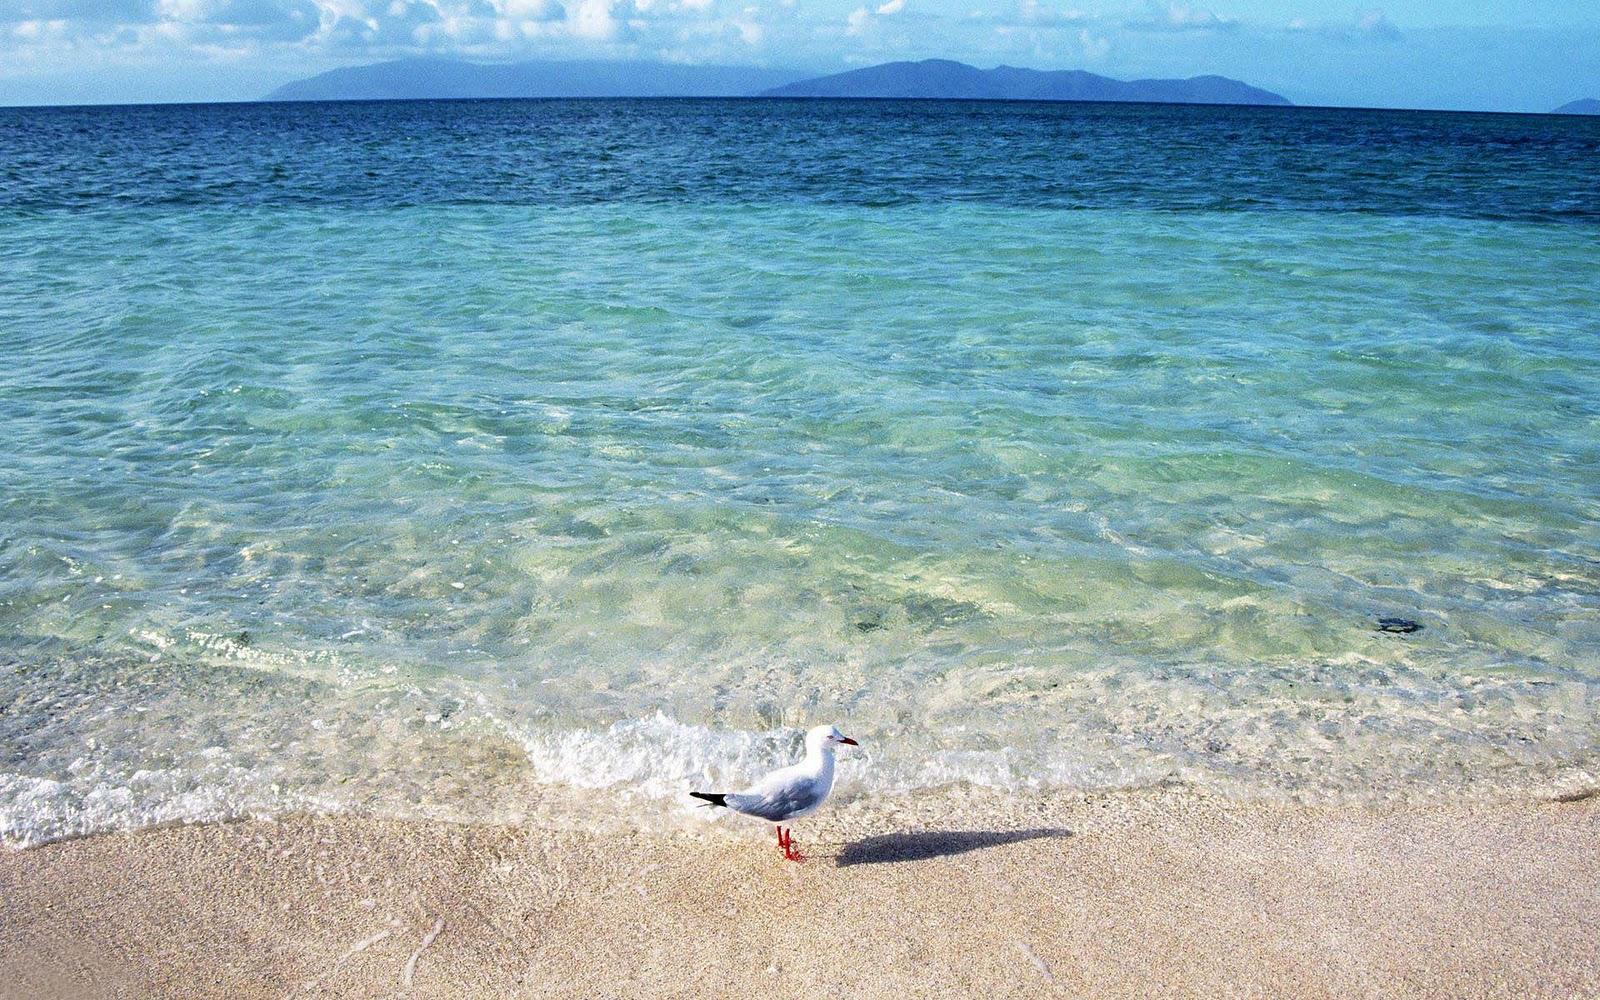 Zee achtergronden hd wallpapers - Wallpaper ocean blue ...